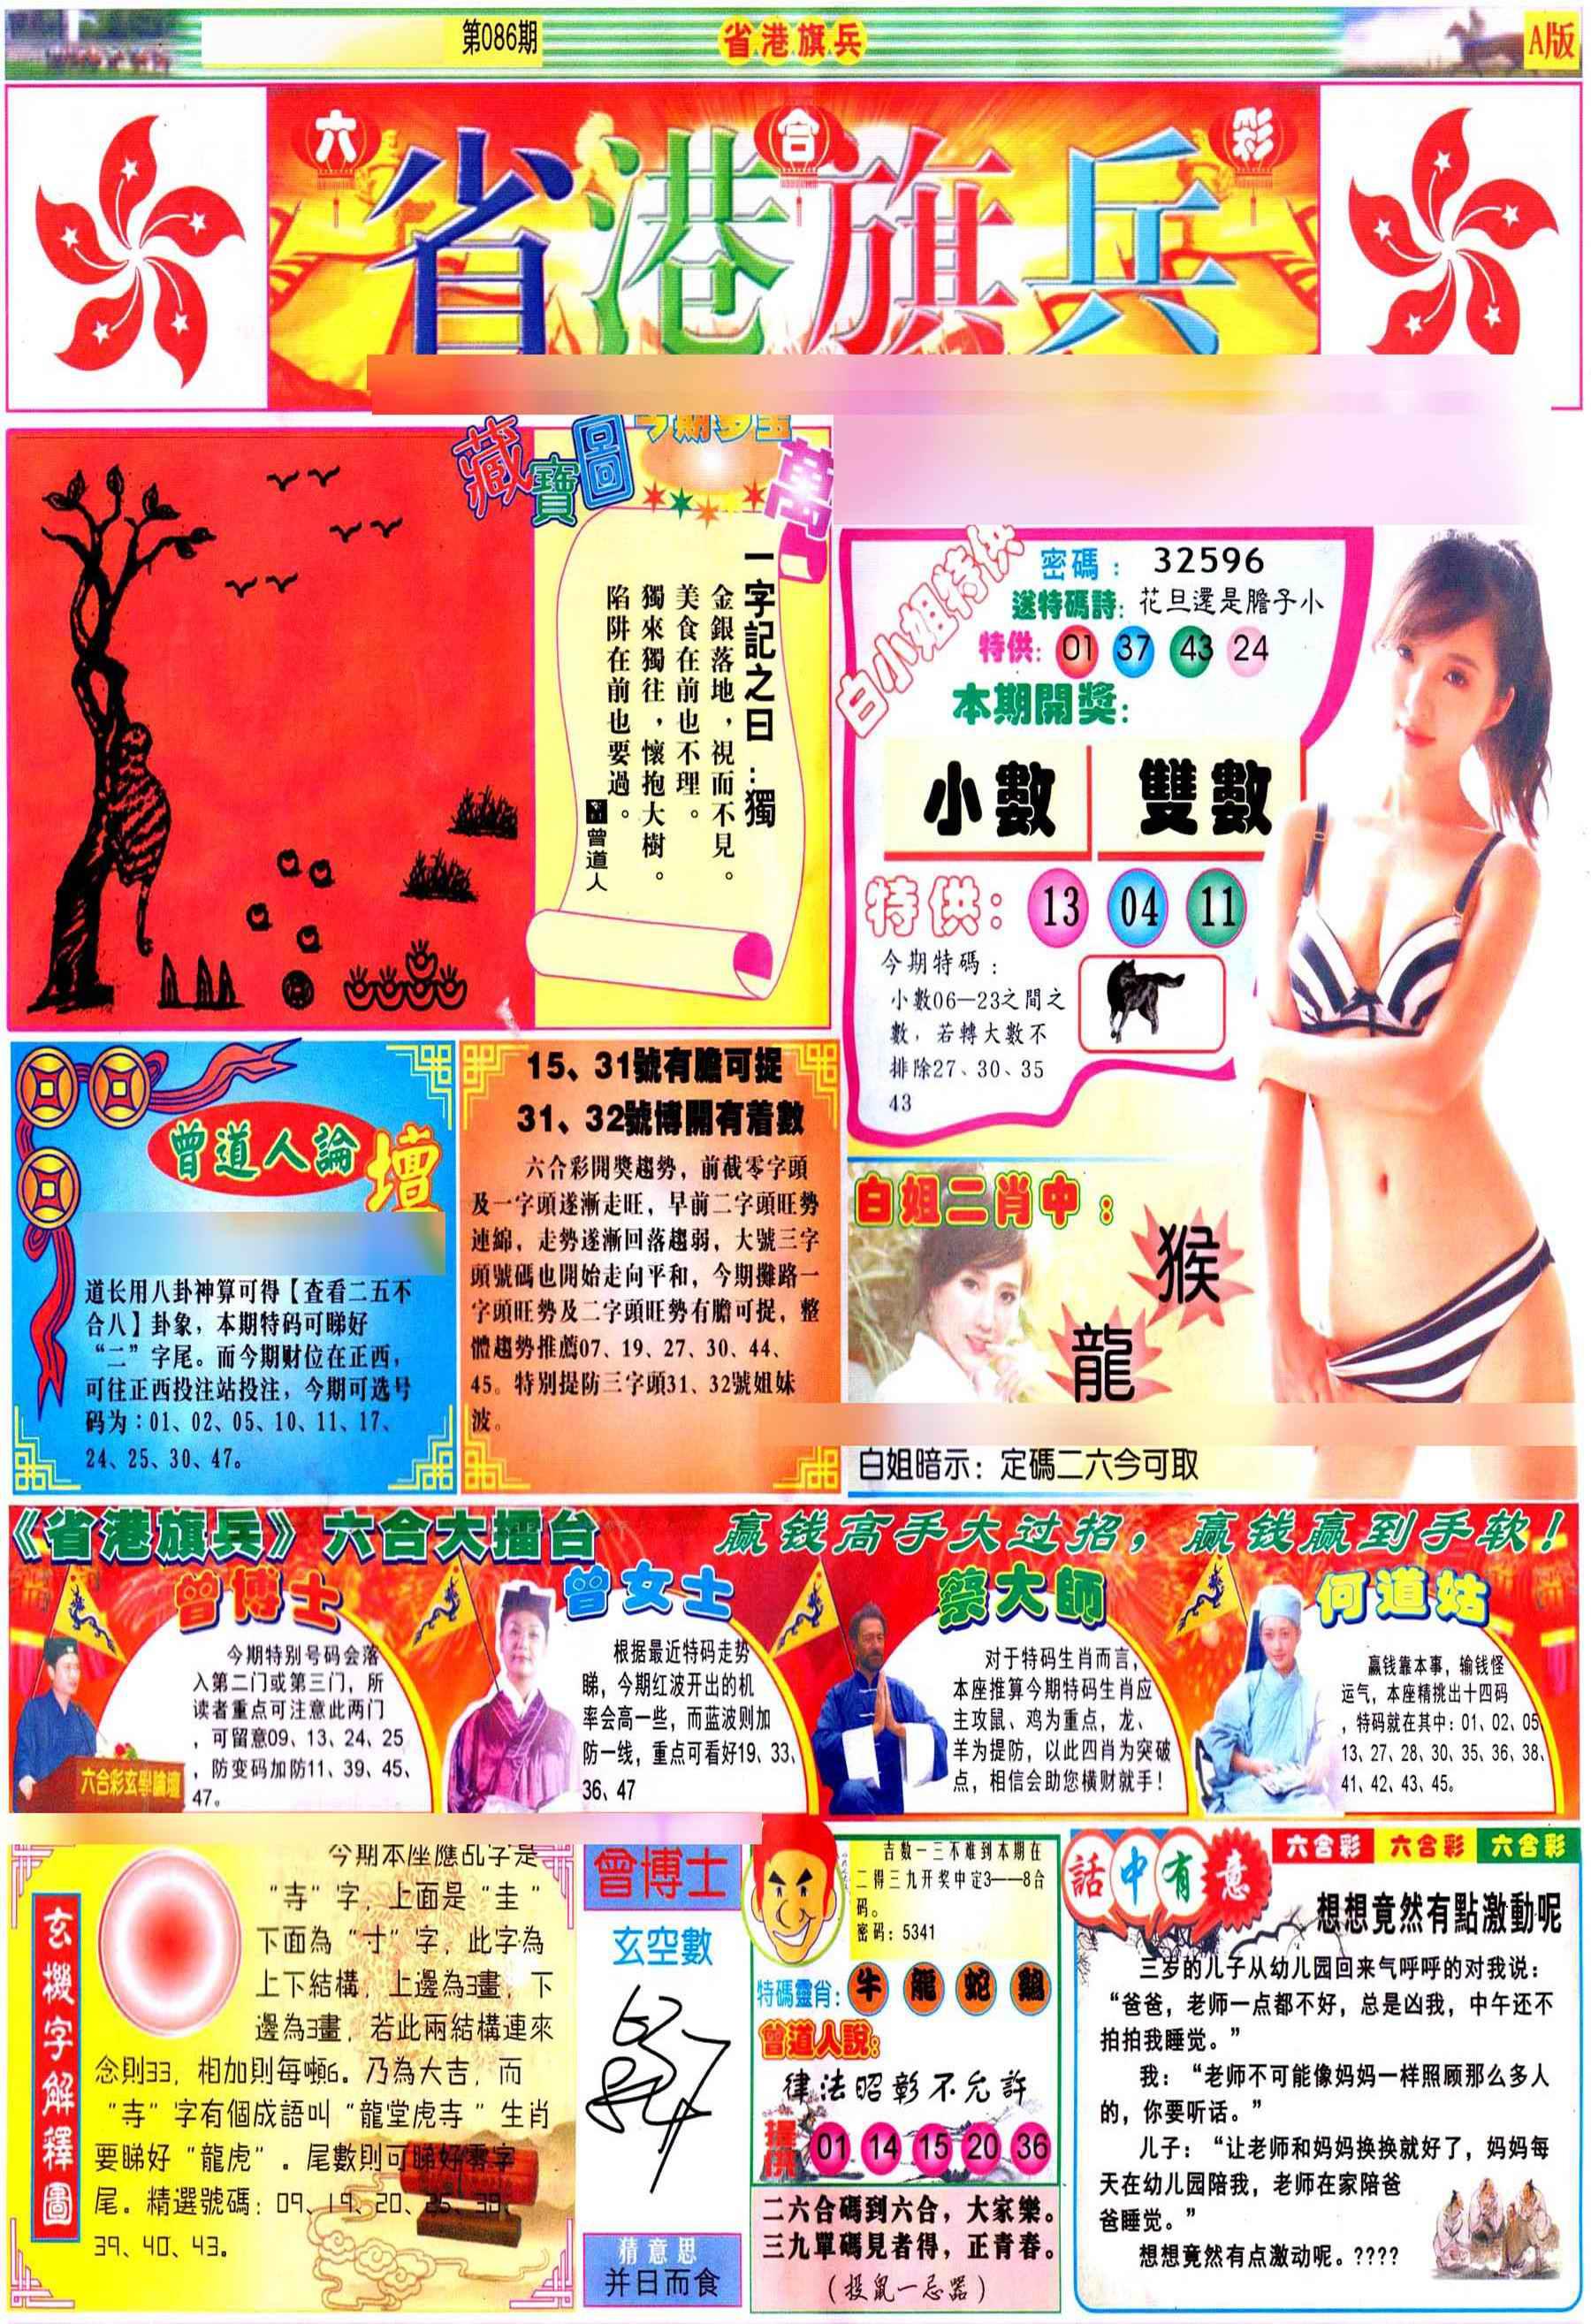 086期彩道A(保证香港版)